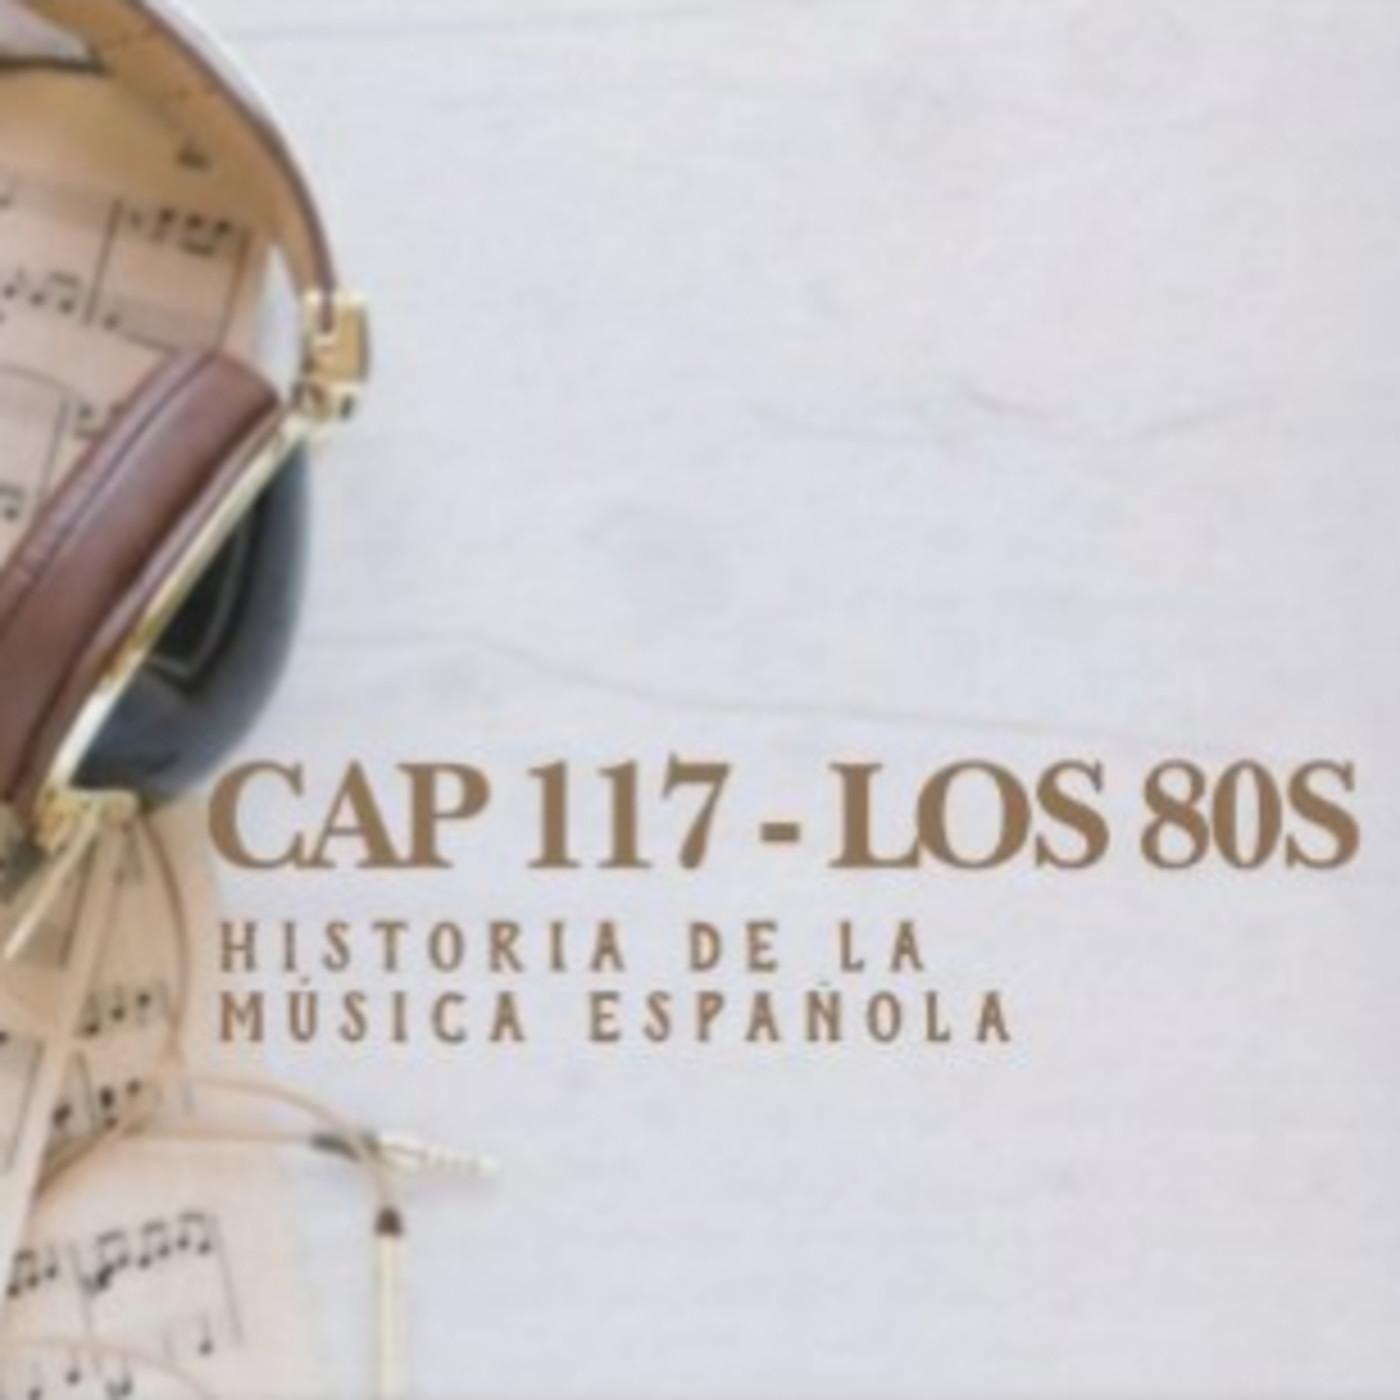 Programa 117 de Historia de la Música Española (Especial 80s)